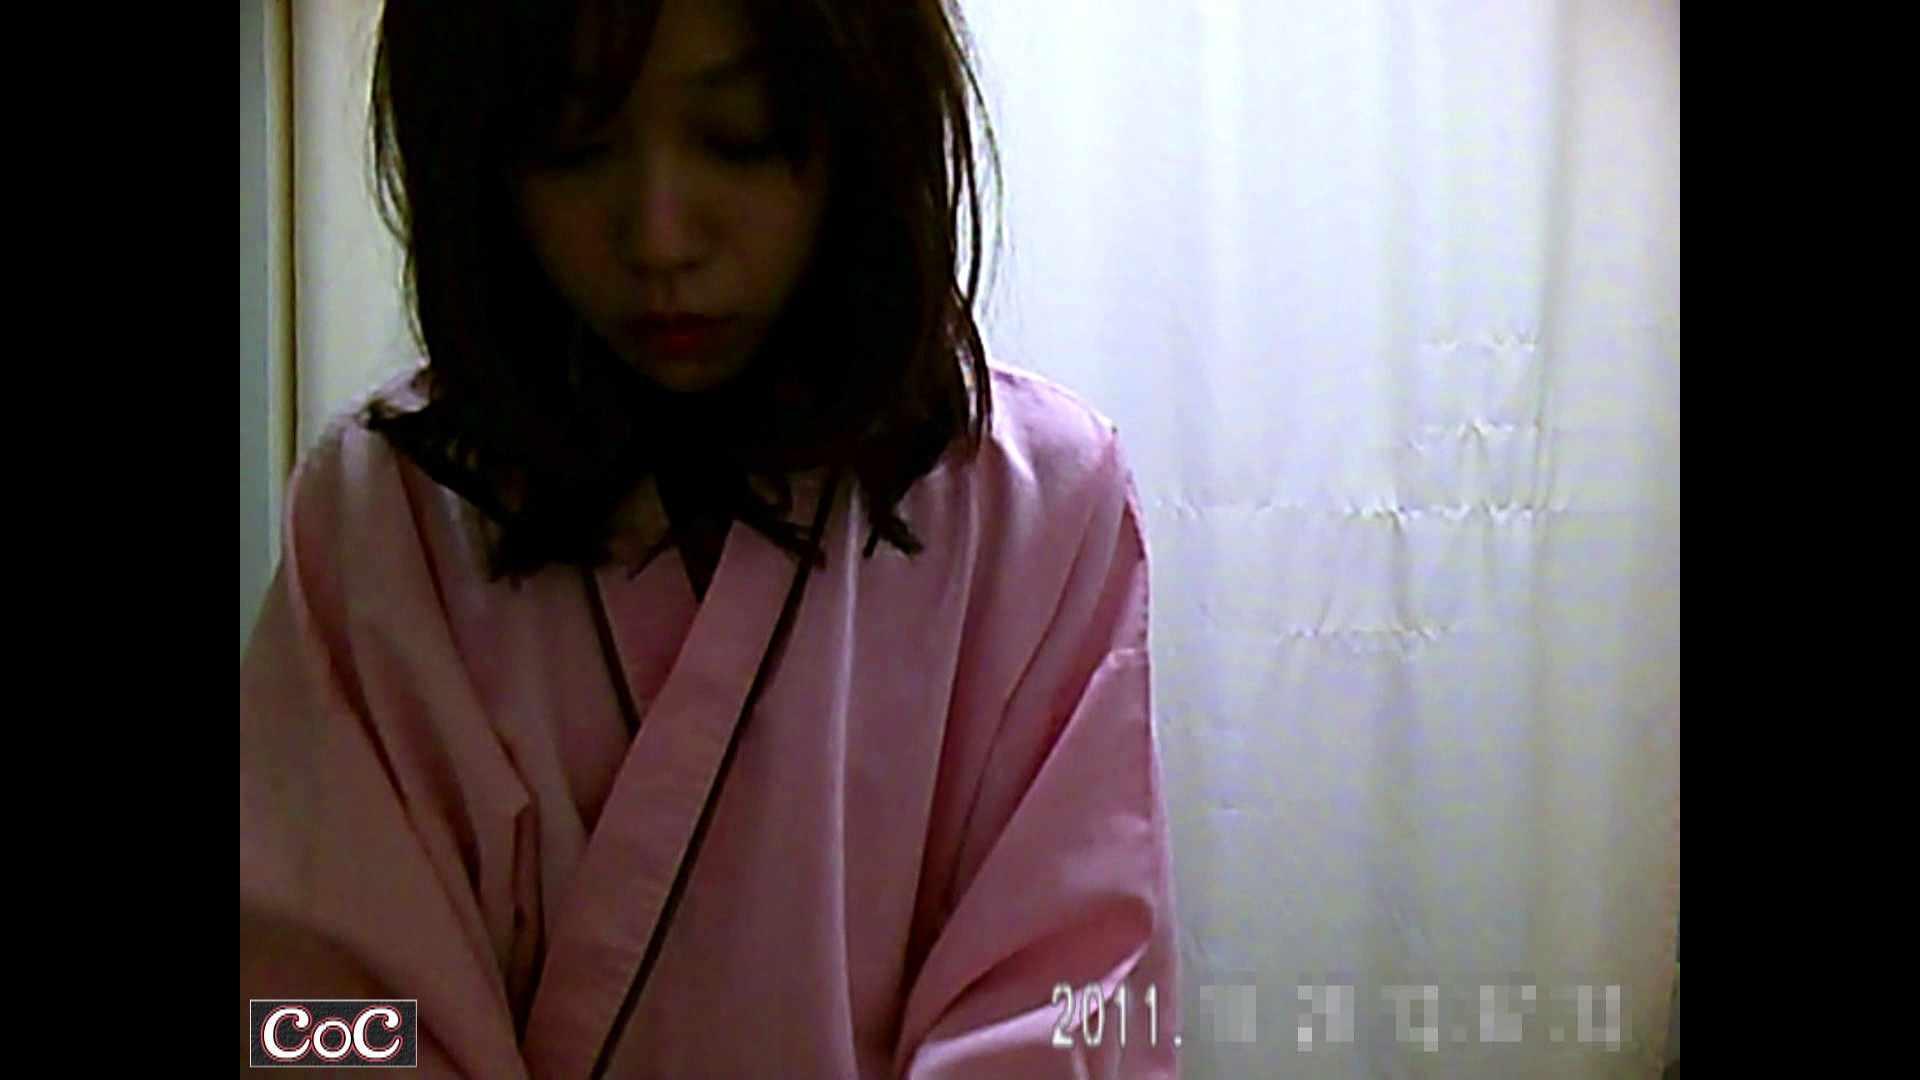 元医者による反抗 更衣室地獄絵巻 vol.221 OLハメ撮り  35Pix 30